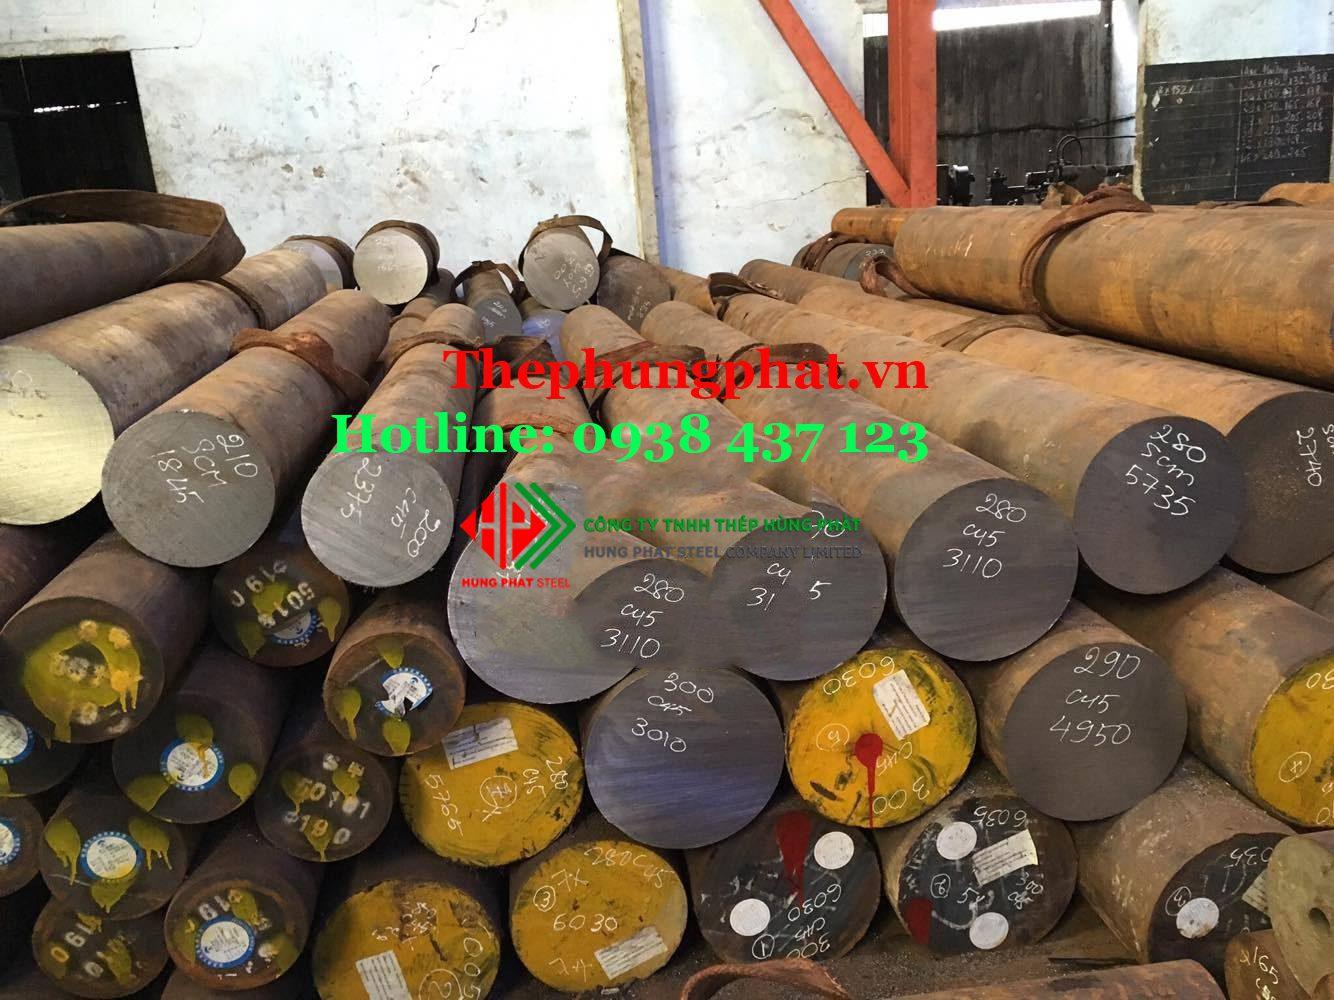 Thép tròn, thép đặc, lap trơn (round bar) từ Ø1 – Ø500 tại Nghệ An